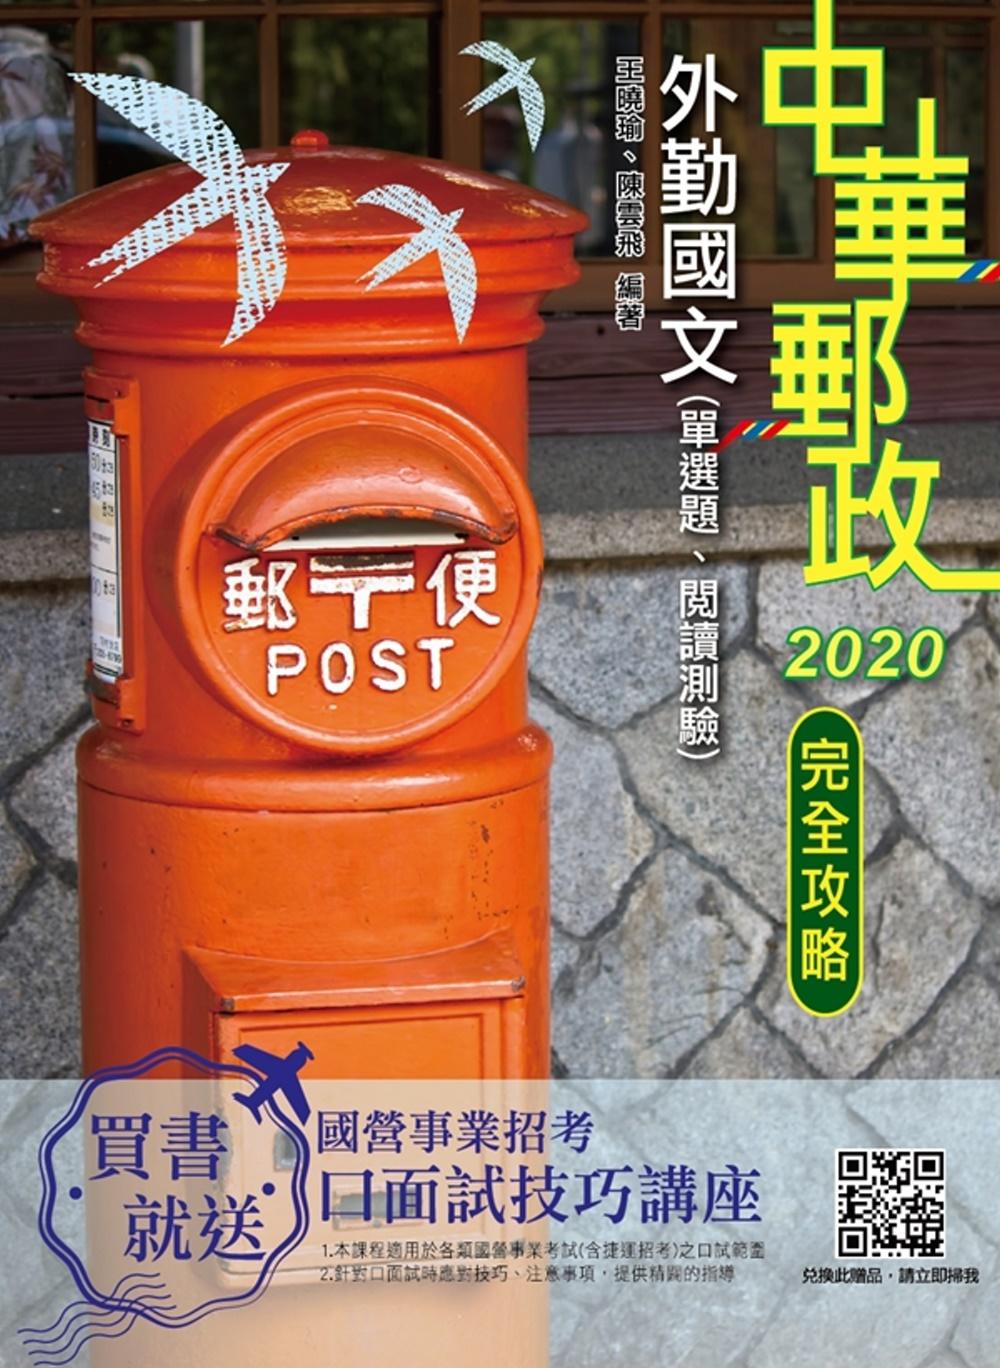 2020年中華郵政(郵局)外勤國文(單選題、閱讀測驗)(三版)